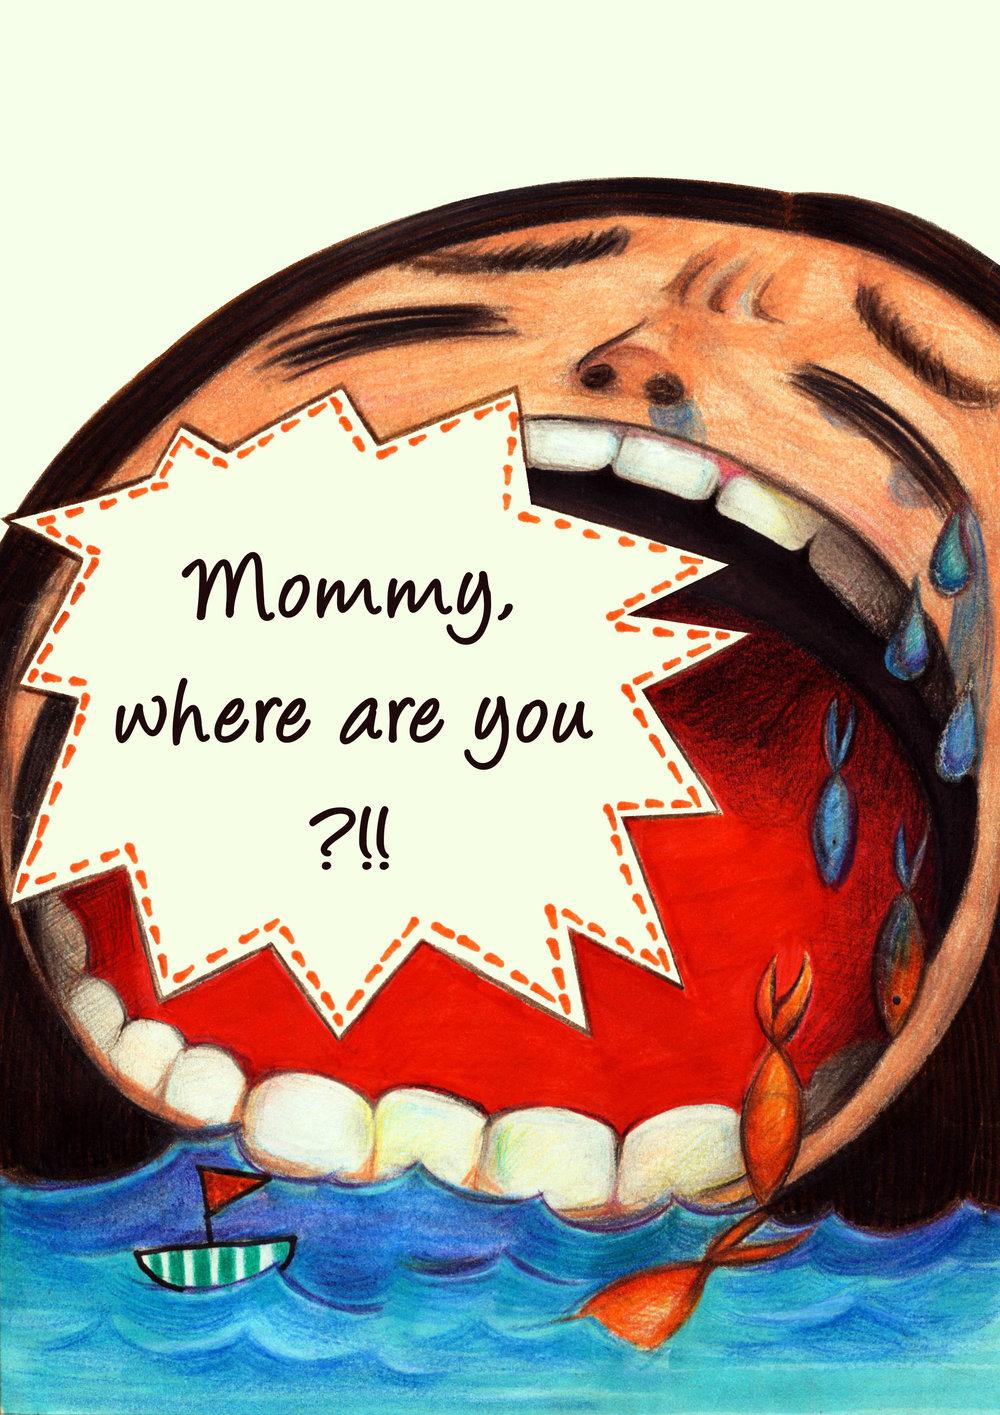 mom-14-2.jpg